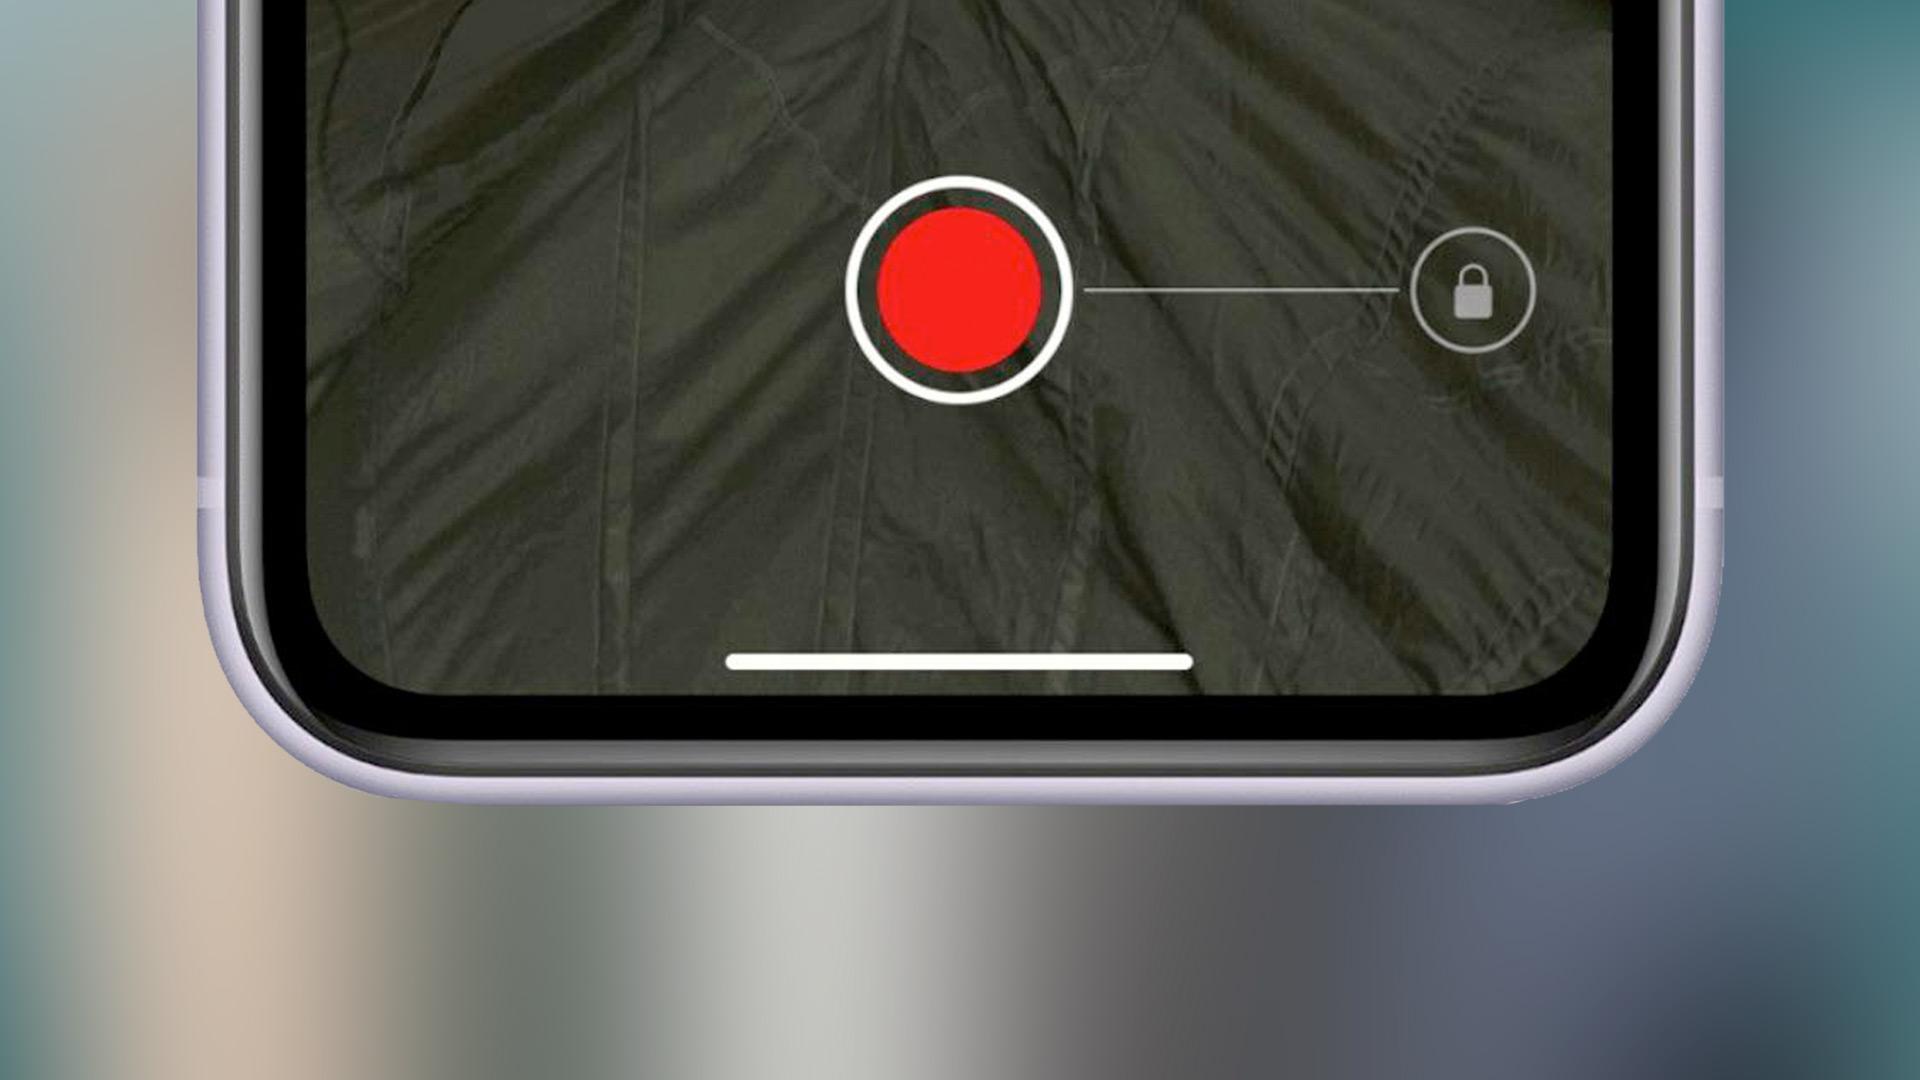 Cómo grabar video sin cambiar el modo de foto en iPhone 11, 11 Pro y 11 Pro Max